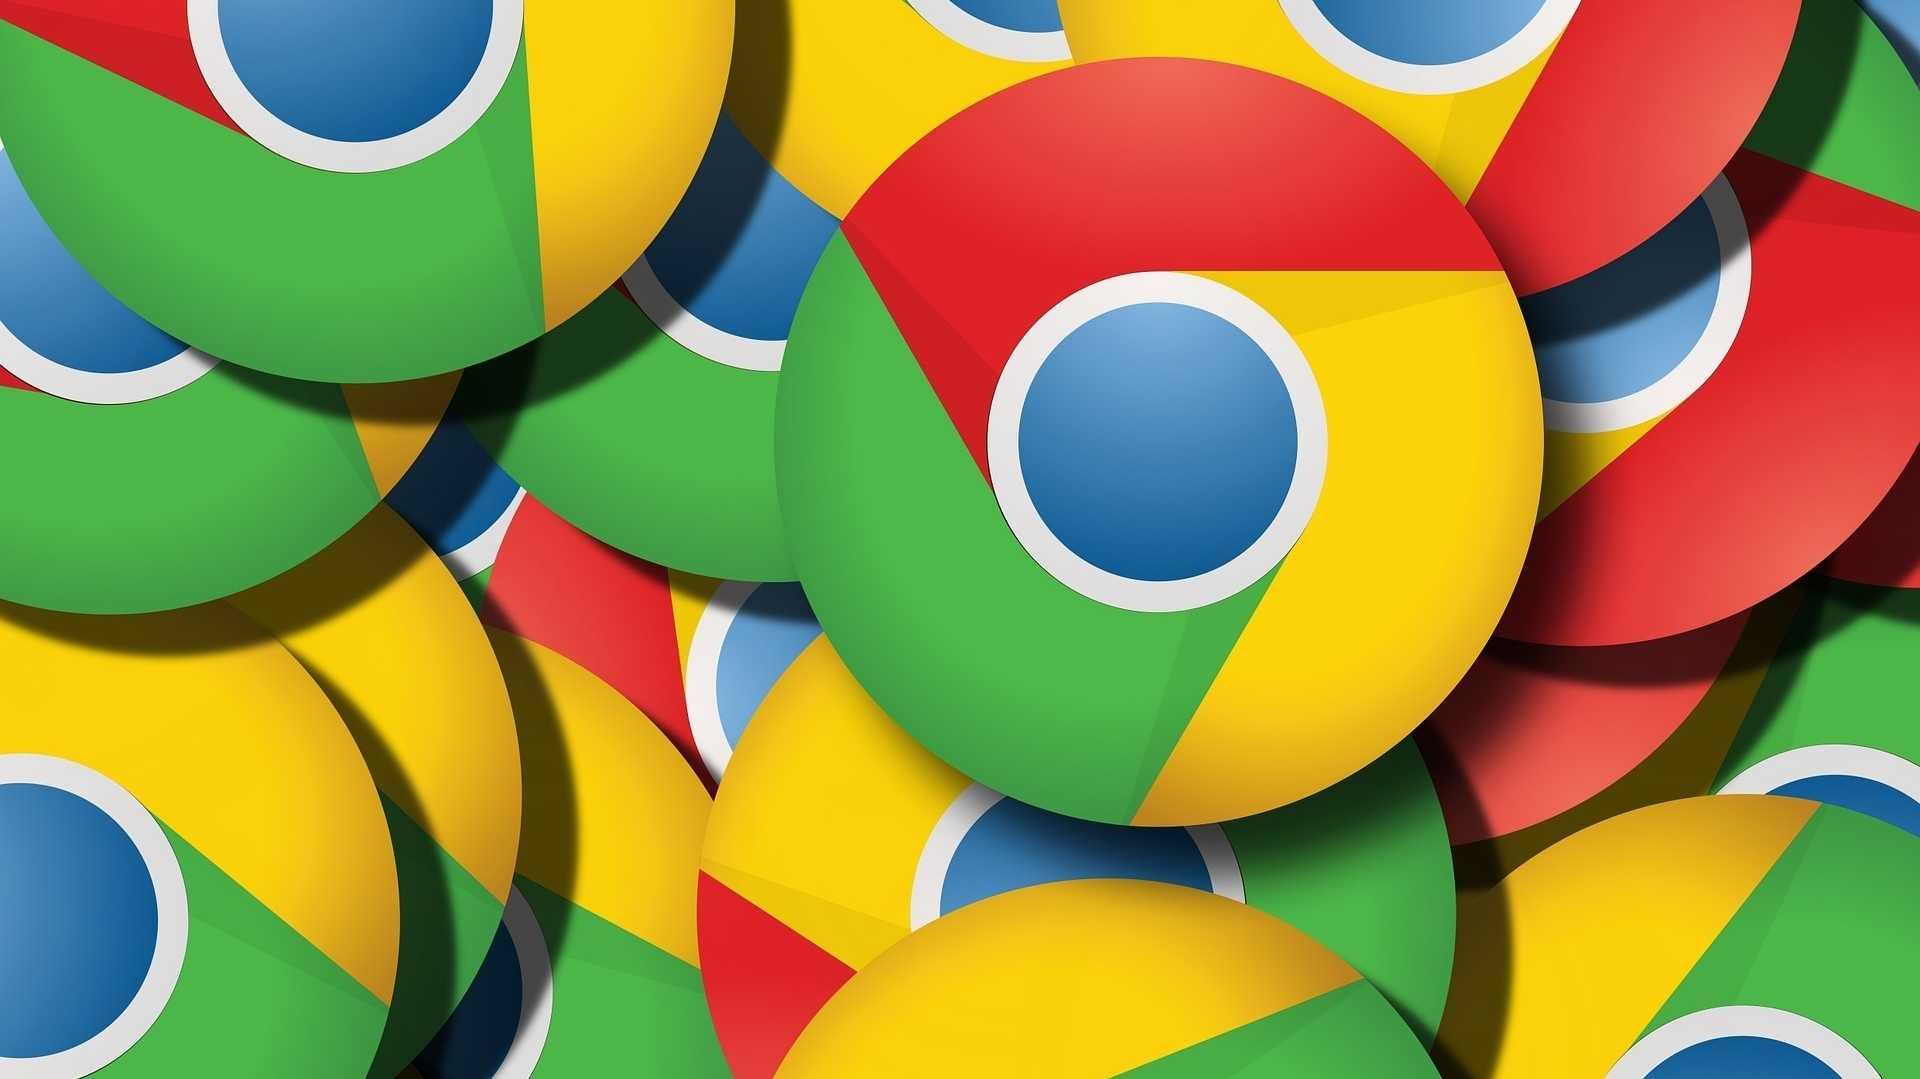 Erste Chrome-Erweiterungen aufgetaucht, die Session-Replay missbrauchen